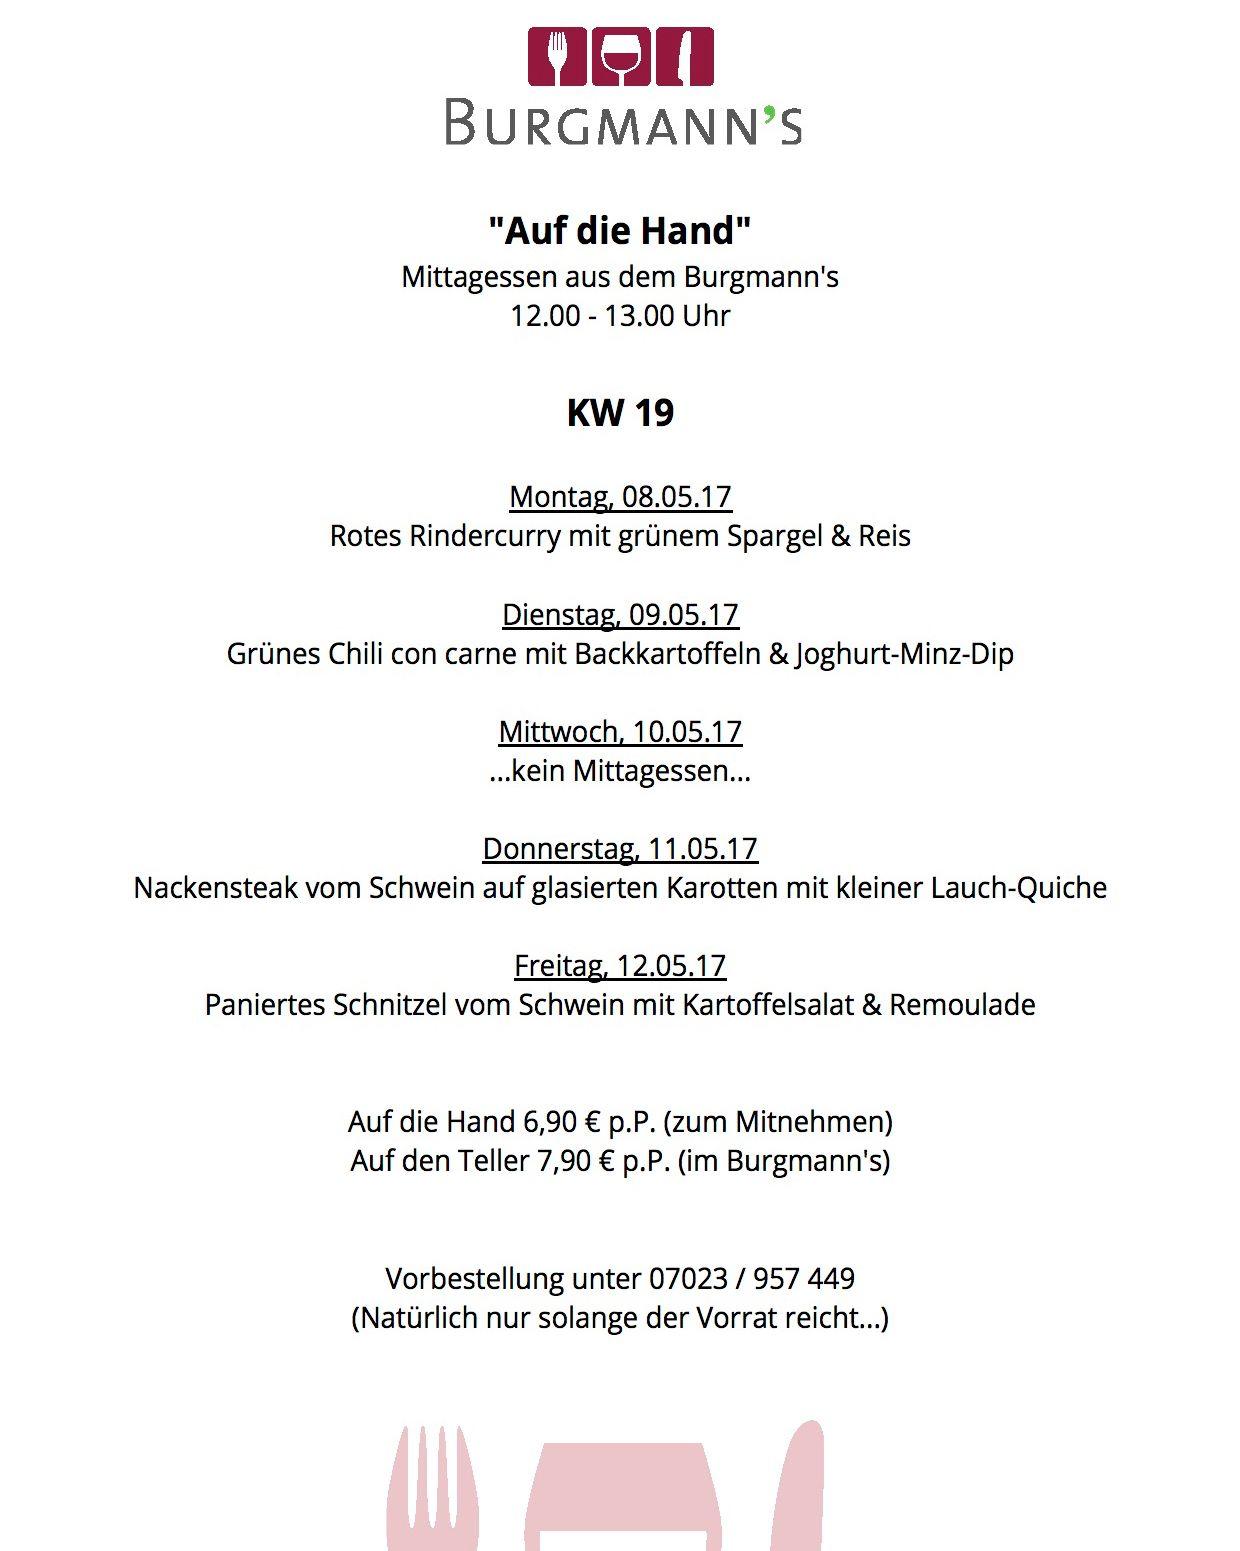 KW 18 08.05.17 - 12.05.17 Mittagstisch im oder aus dem Burgmanns jetzt noch ein paar #hashtags:  #burgmanns  #restaurant  #weilheim  #esslingen  #stuttgart  #kirchheim  #lecker  #familienbetrieb  #aufdiehand  #aufdenteller  #weilheimlebt  #glasklar #steak  #veggie  #salat  #wein  #bier  #limo  #vivaconagua